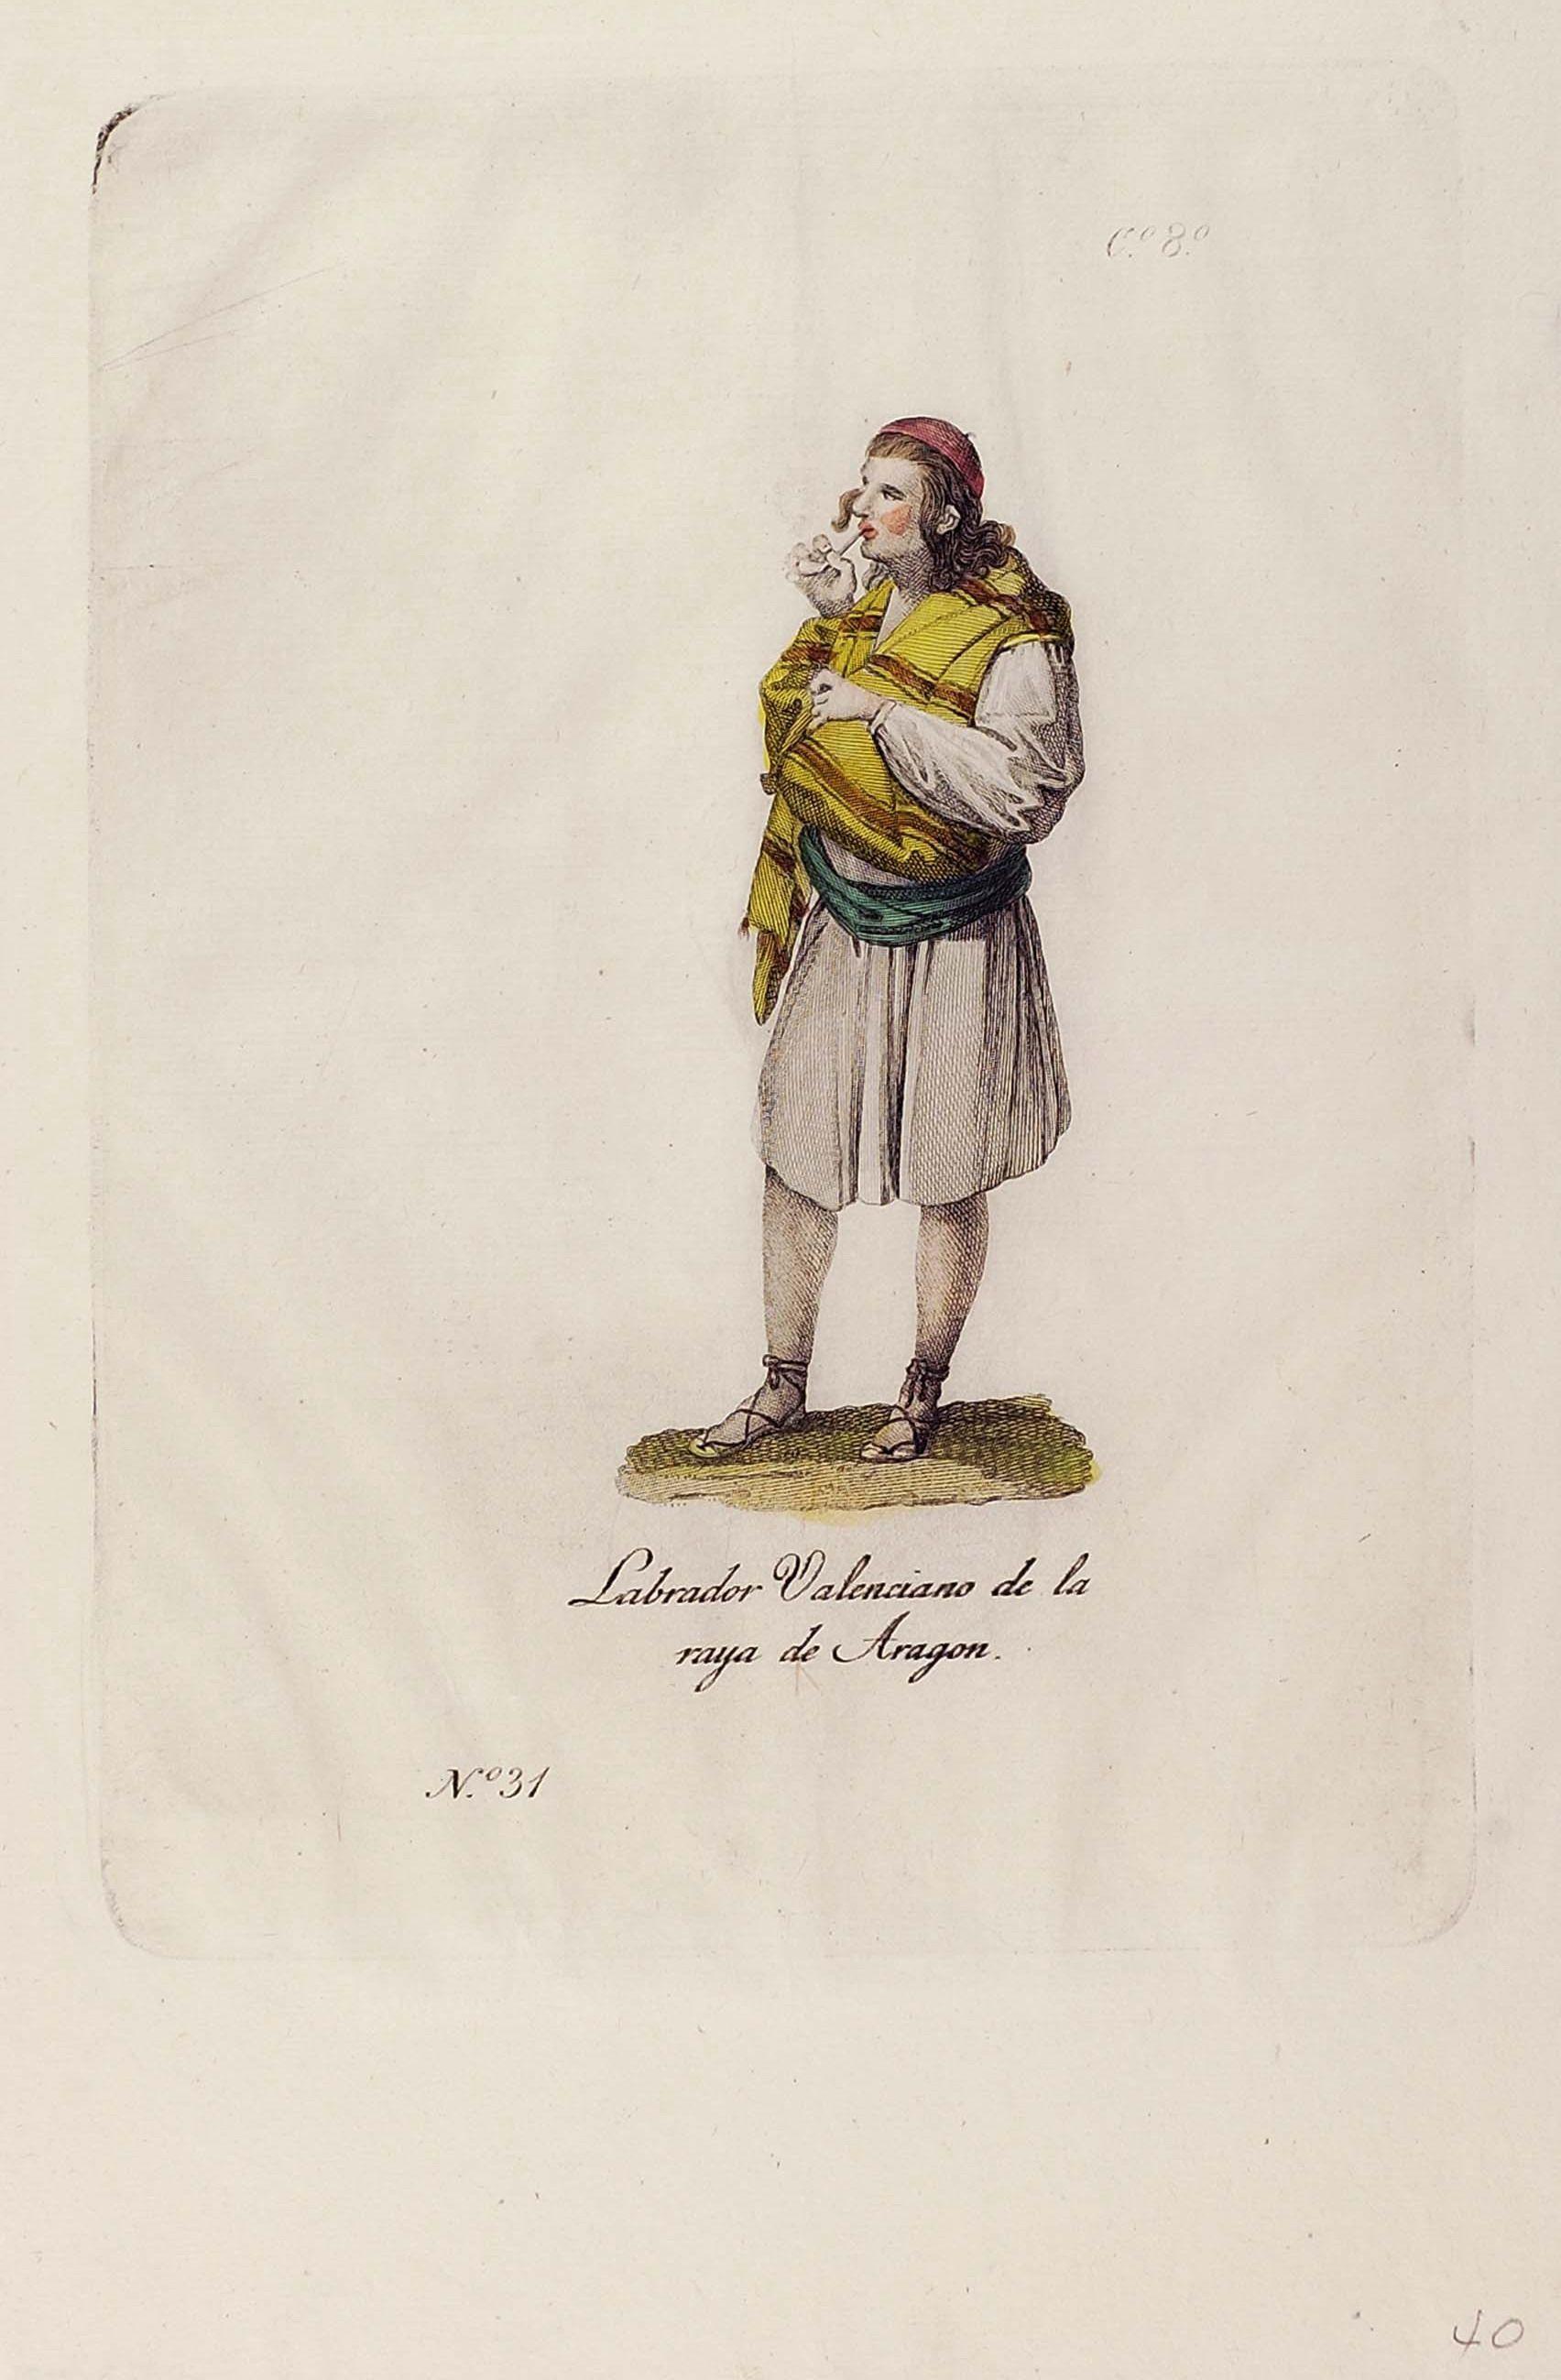 Labrador valenciano de la raya de Aragon Espa±a entre 1701y 1800